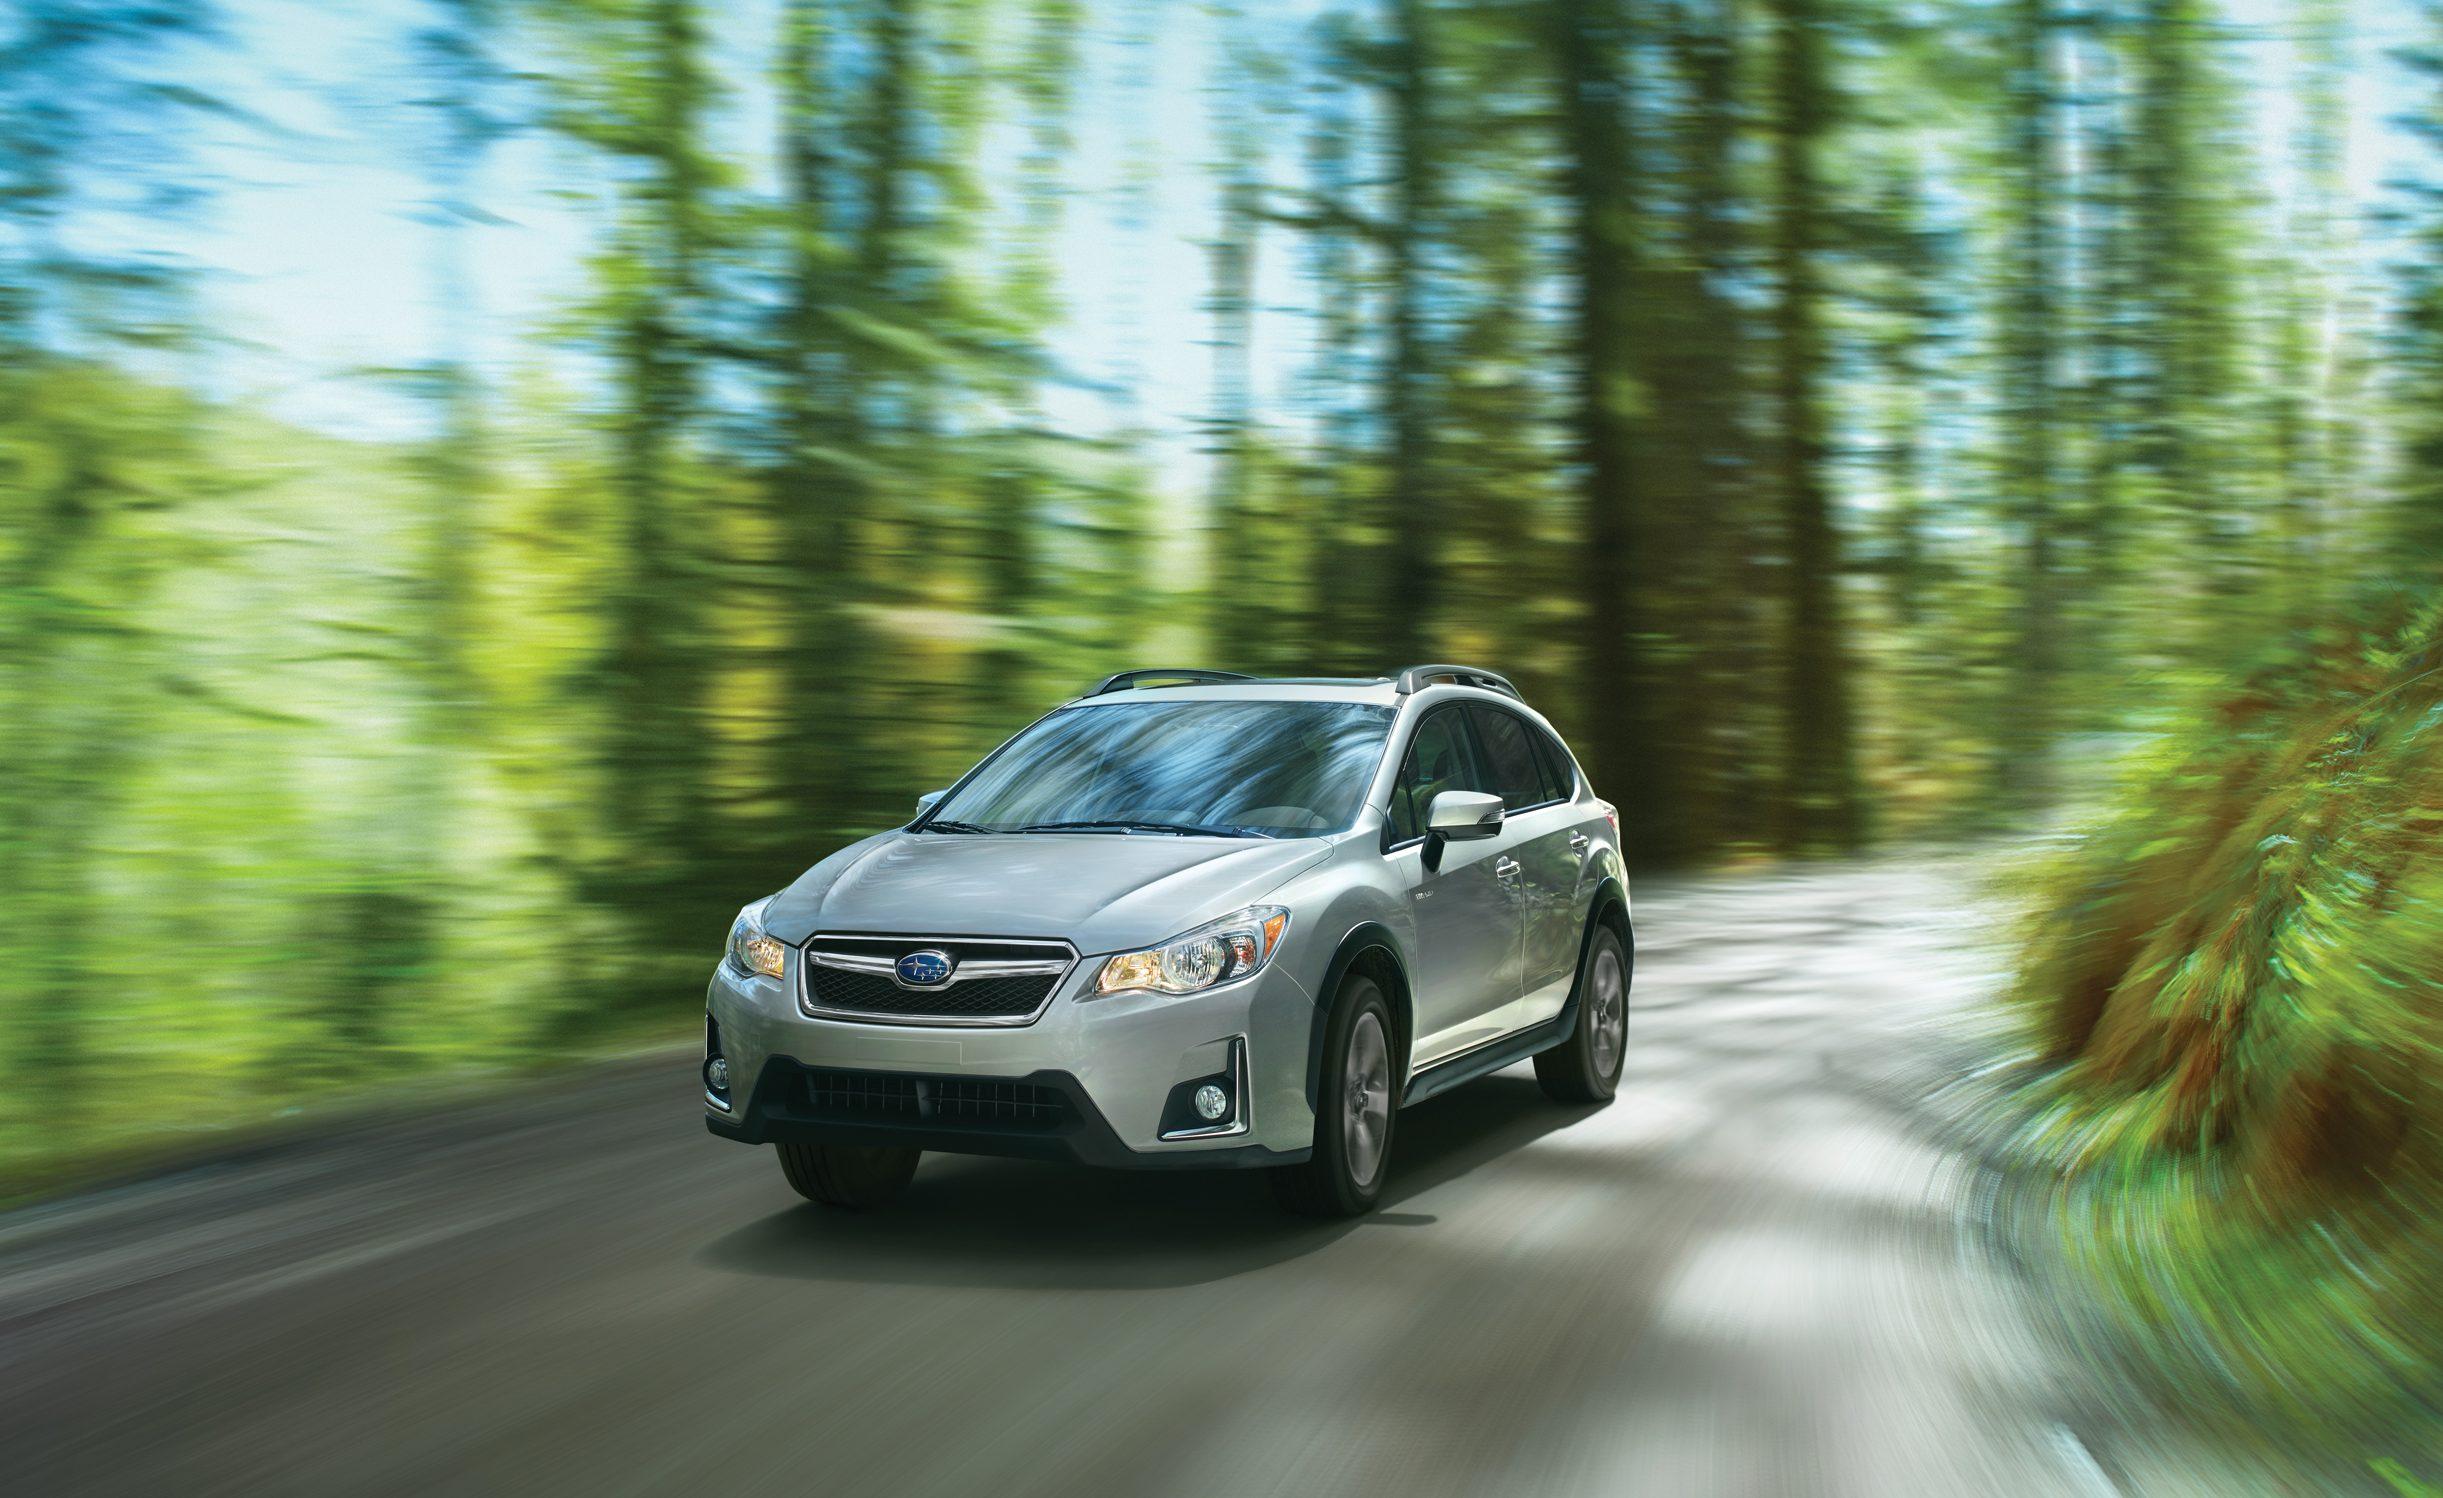 Гибрид Subaru Crosstrek выходит из могилы в следующем году